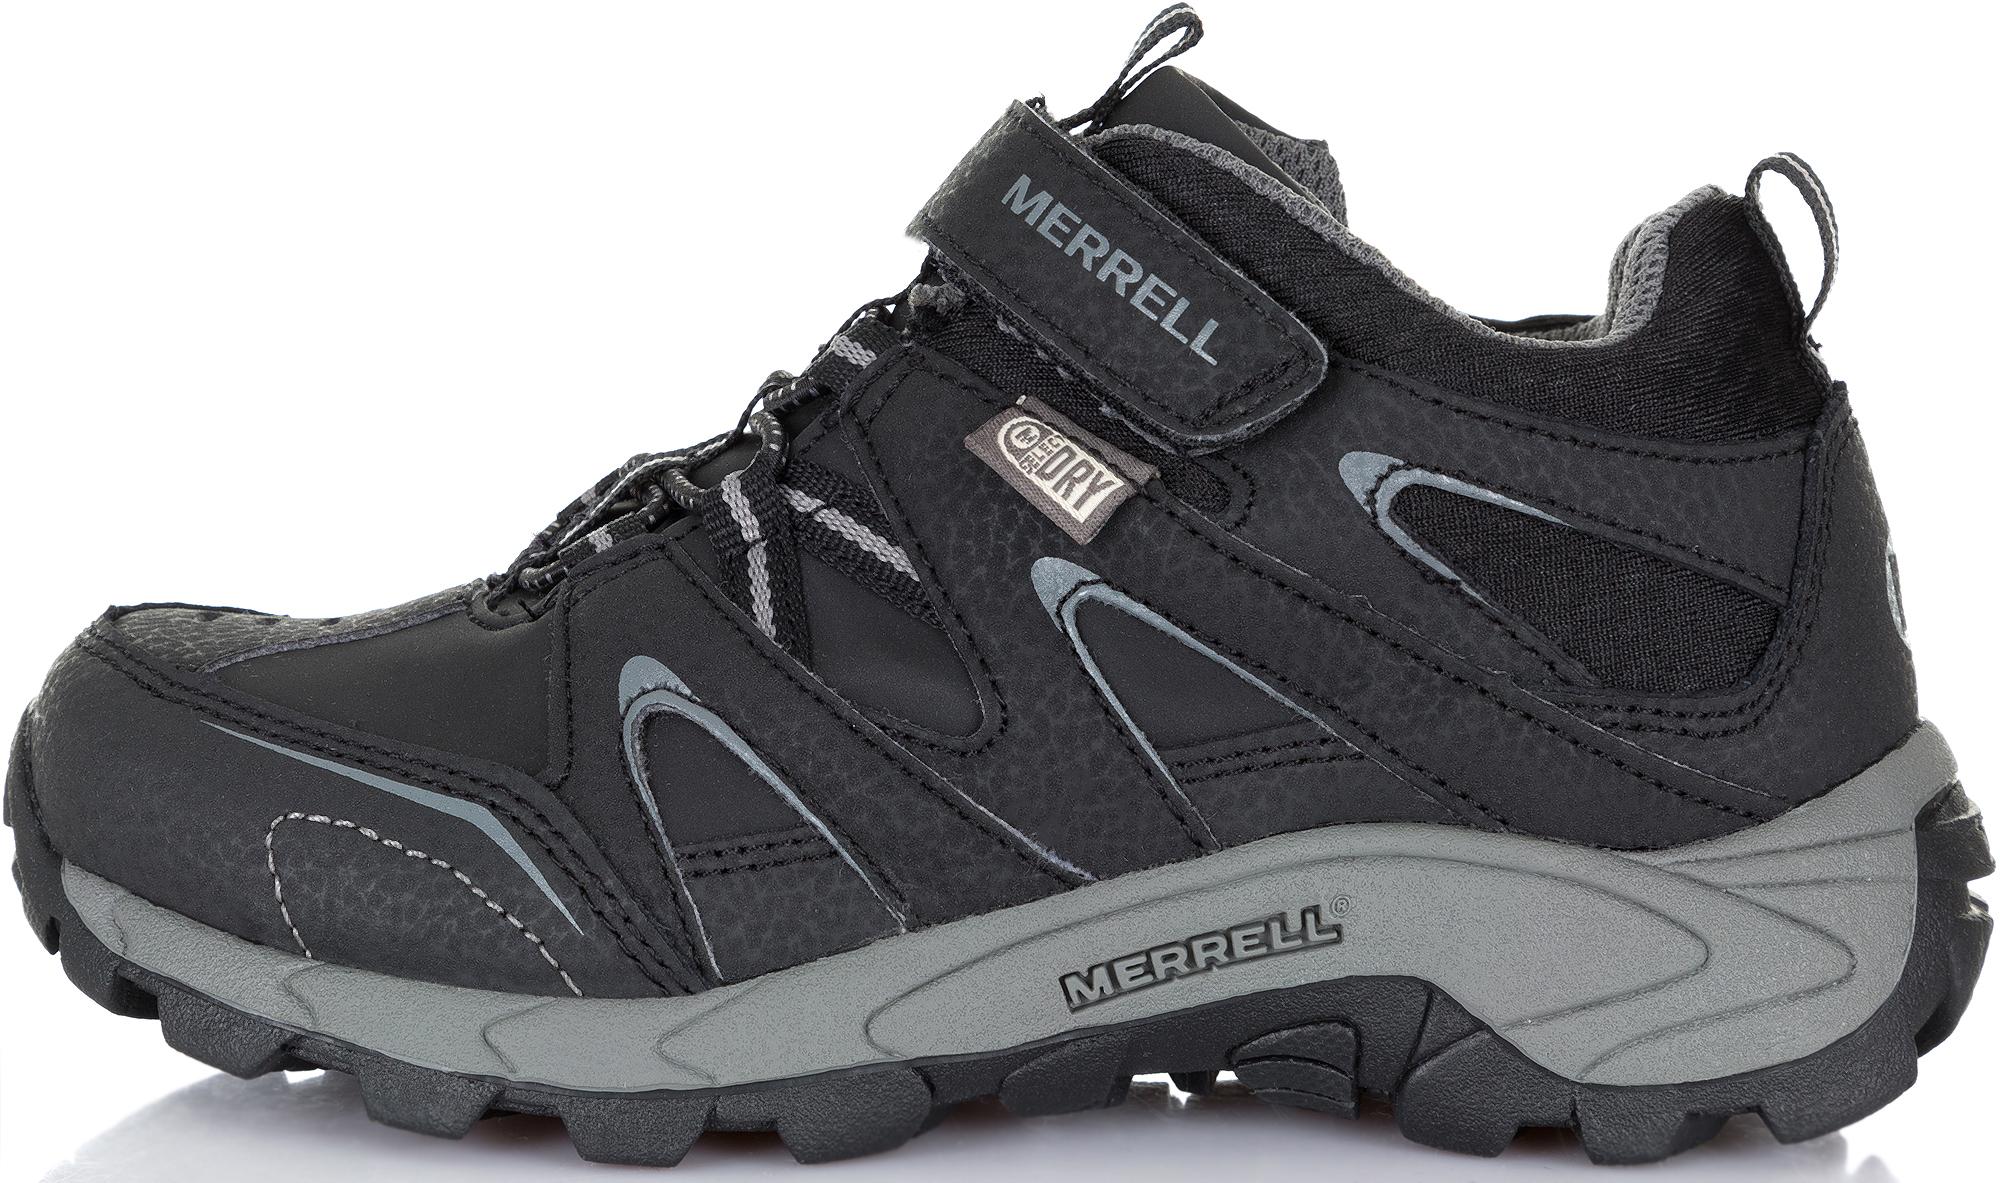 Merrell Ботинки для мальчиков Light Tech Ltr, размер 37,5